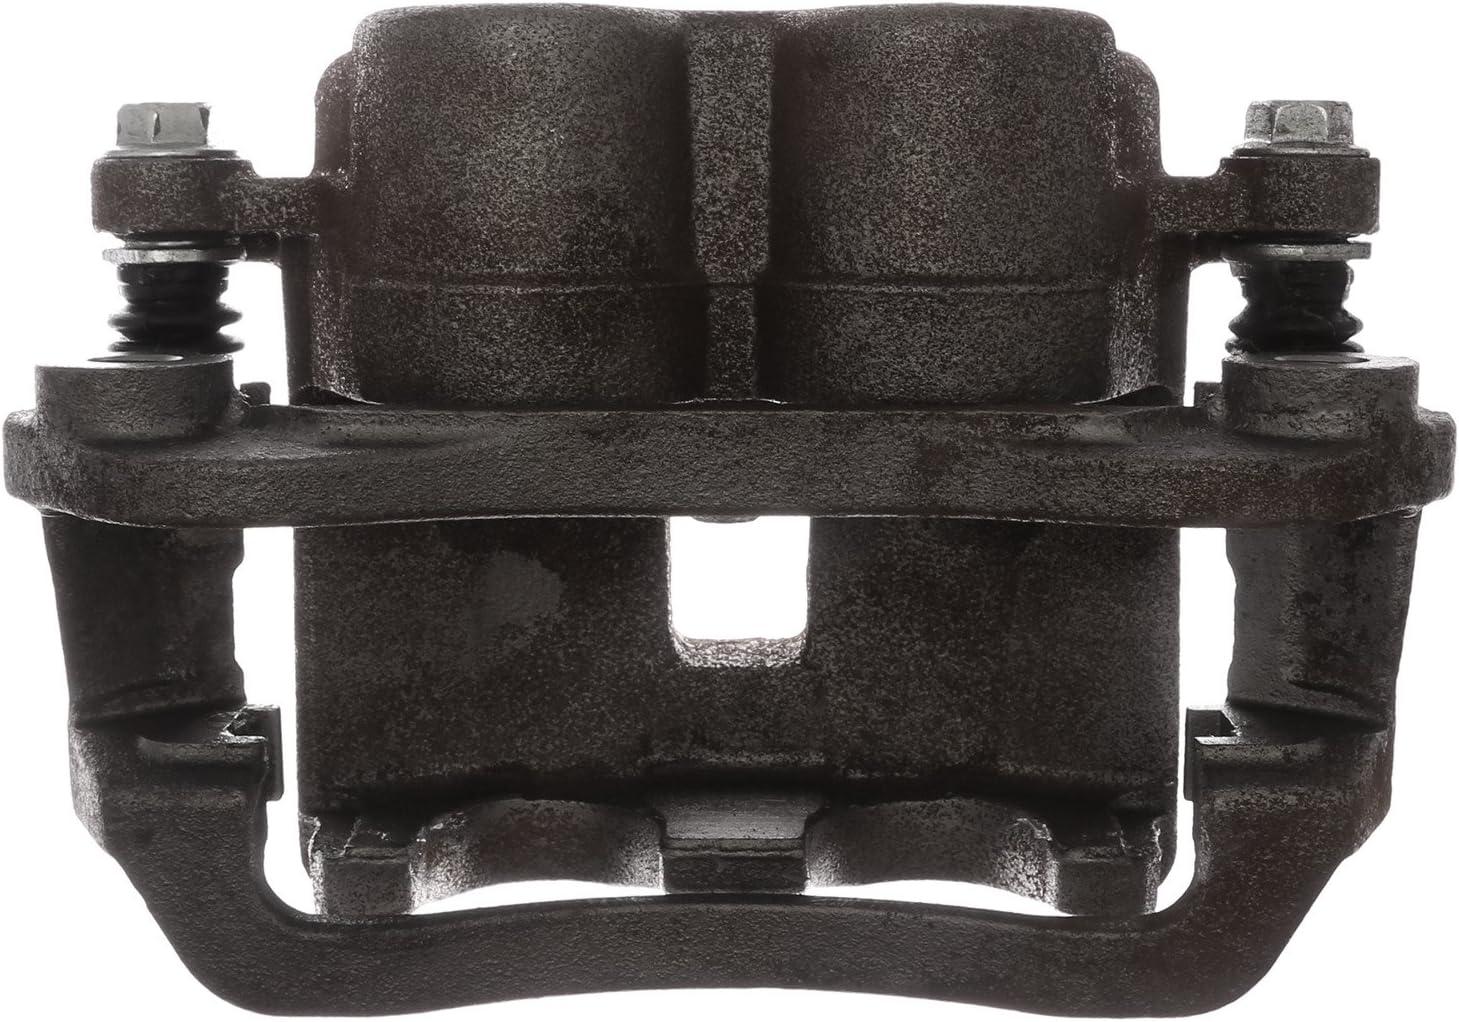 ☆送料無料☆ 当日発送可能 Raybestos FRC11579N Opti-Cal New 新生活 Brake Pack 1 Caliper